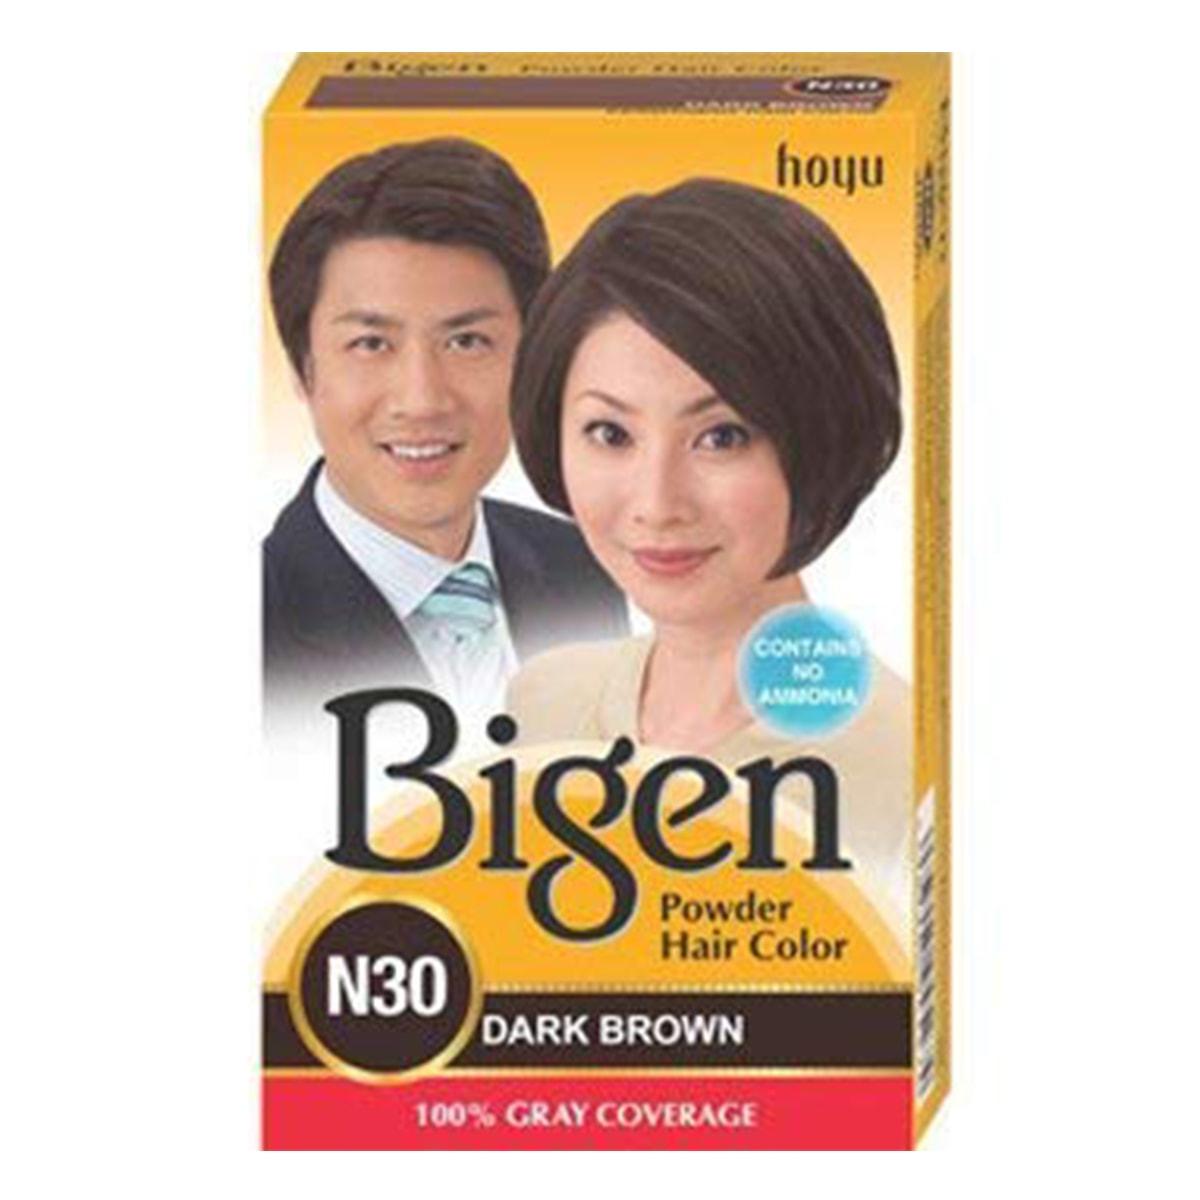 Buy Hoyu (Bigen) Bigen Powder Hair Color N30 (Dark Brown) - 6 gm